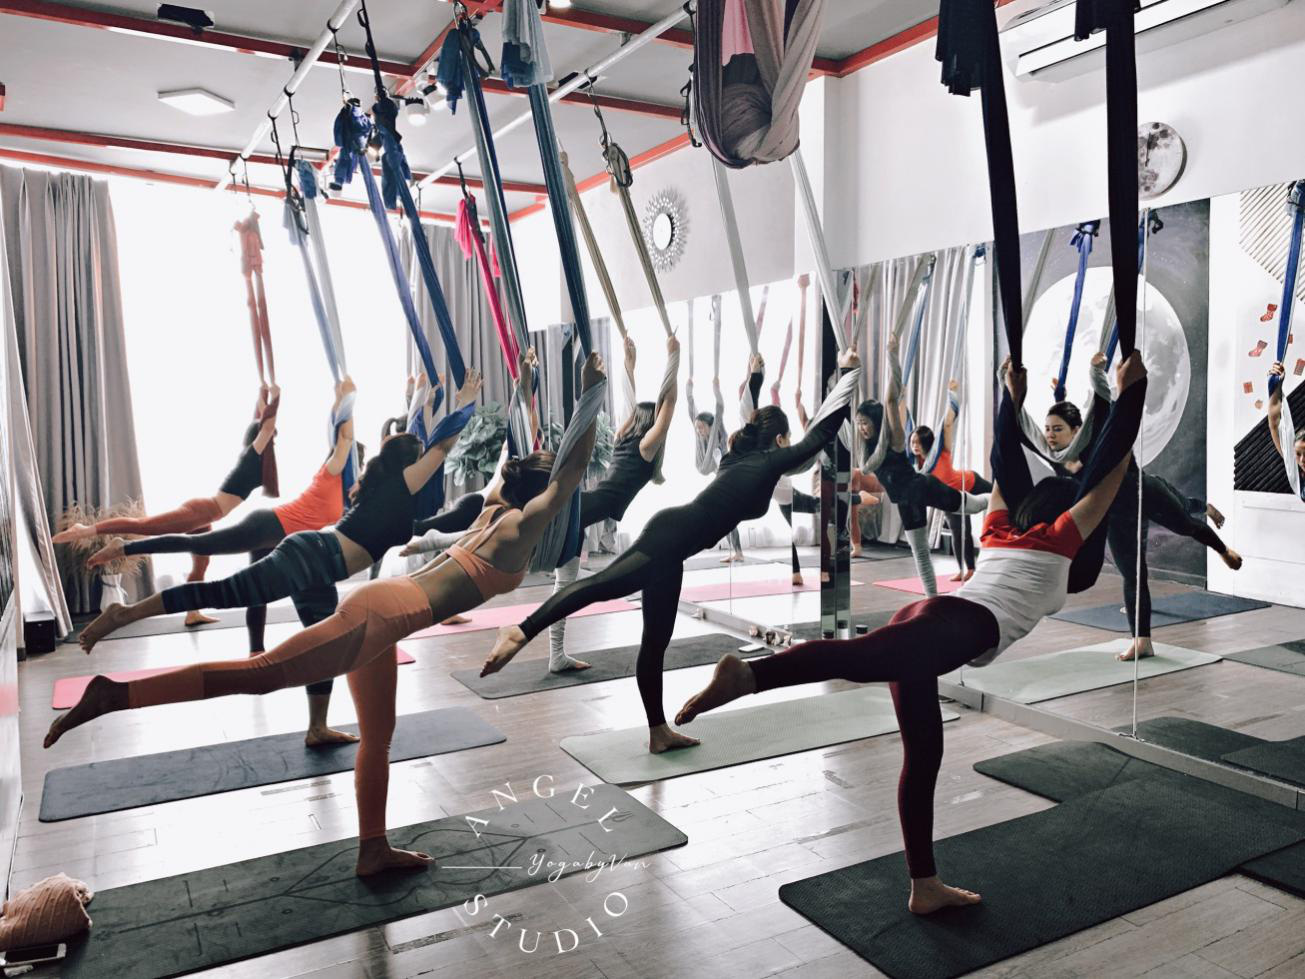 Aerial Yoga bộ môn của những cô nàng yêu cái đẹp - Ảnh 5.